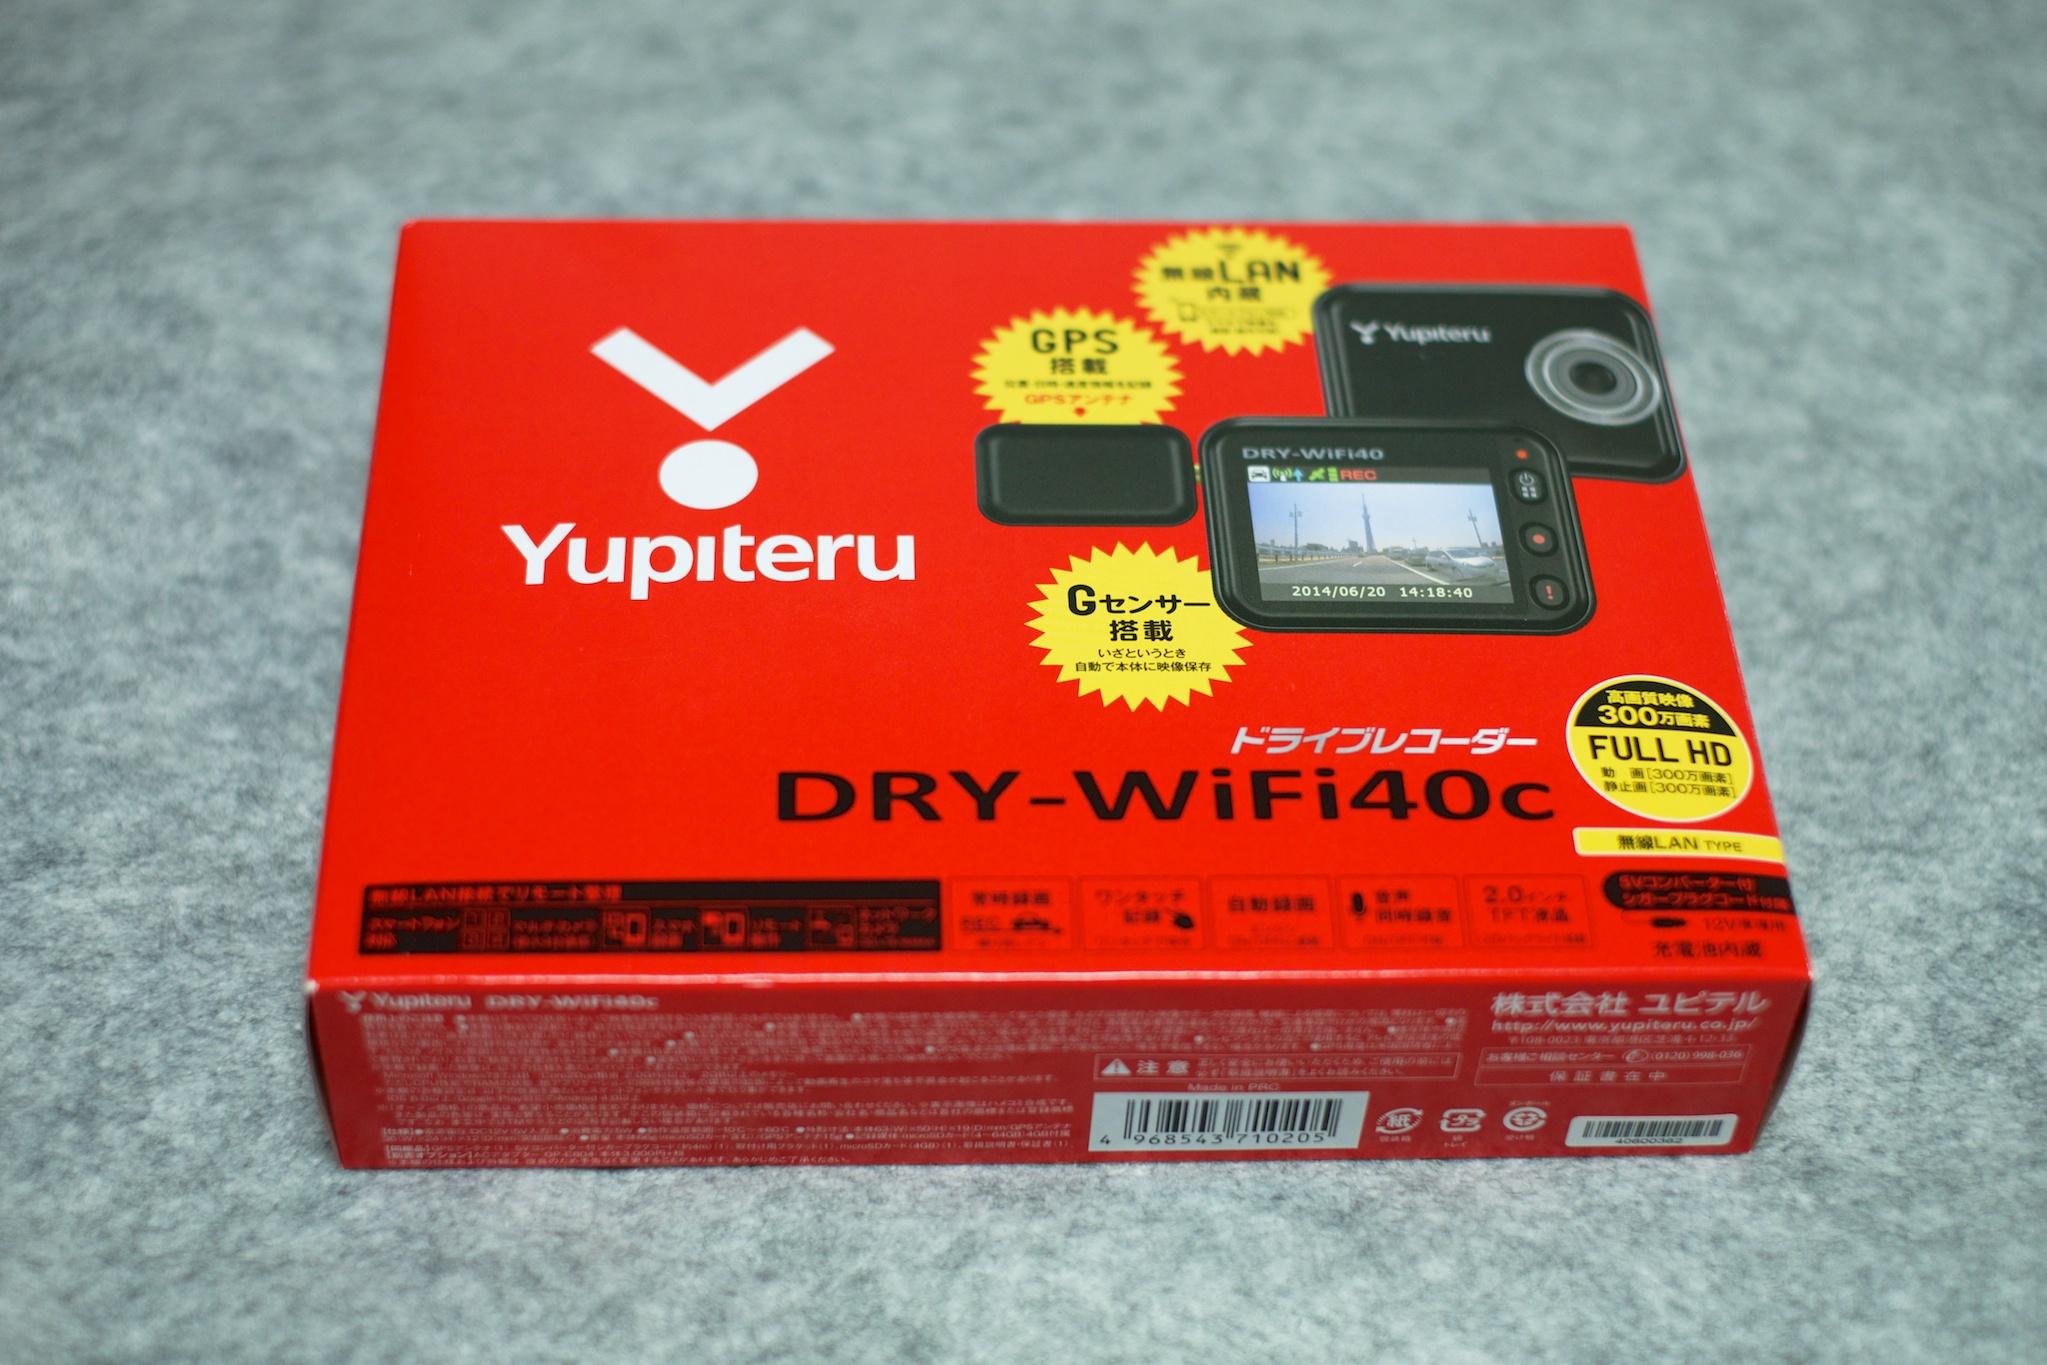 [ドラレコ]Full HD ドライブレコーダー DRY-WiFi40cを買ってみたよっ